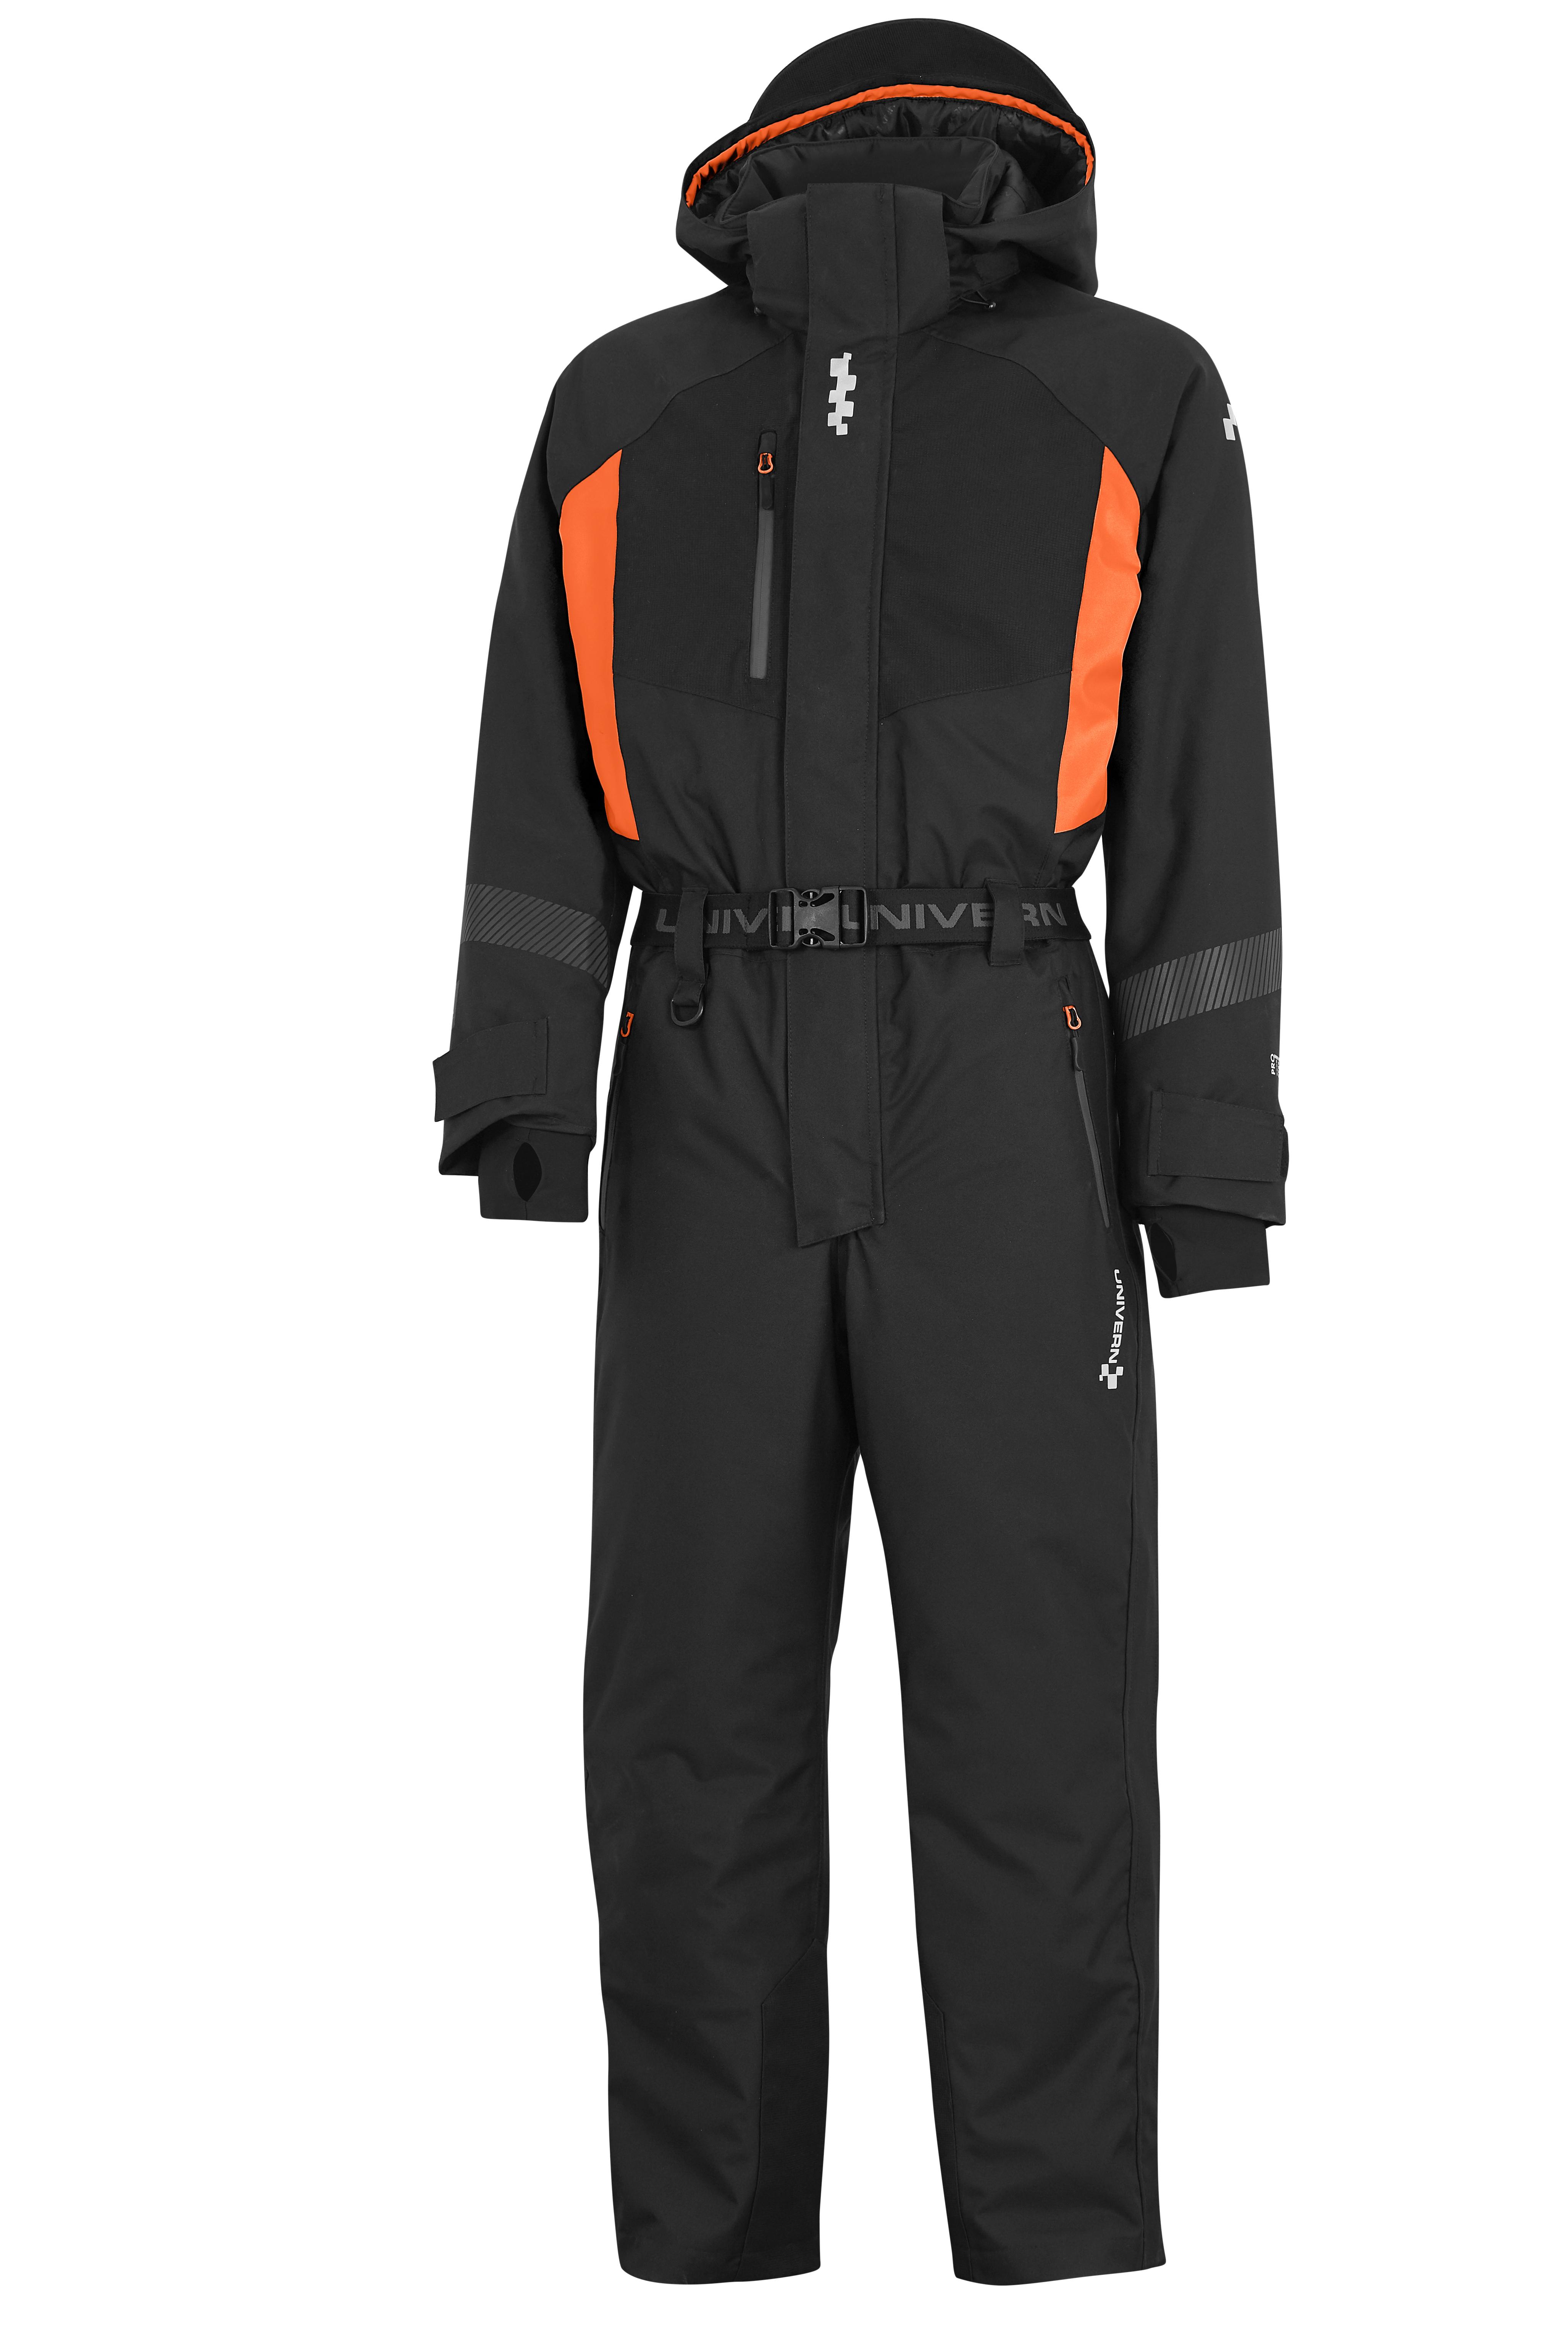 univern-protec-2.0-vinterdress-sort-og-oransje